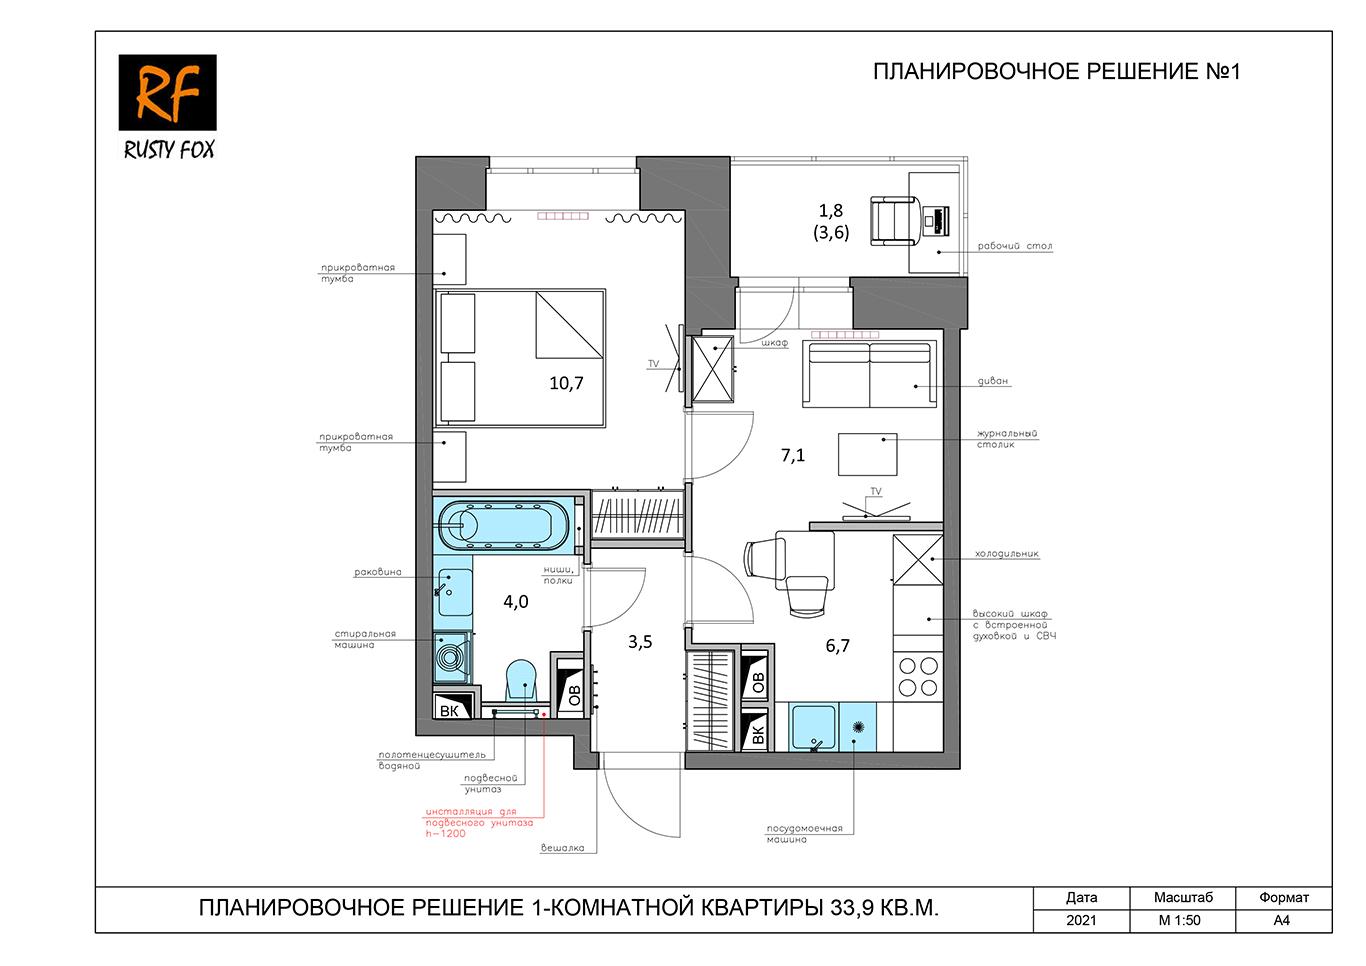 ЖК Люберцы корпус 52, секция 2. Планировочное решение №1 1-комнотной квартира 33,9 кв.м.